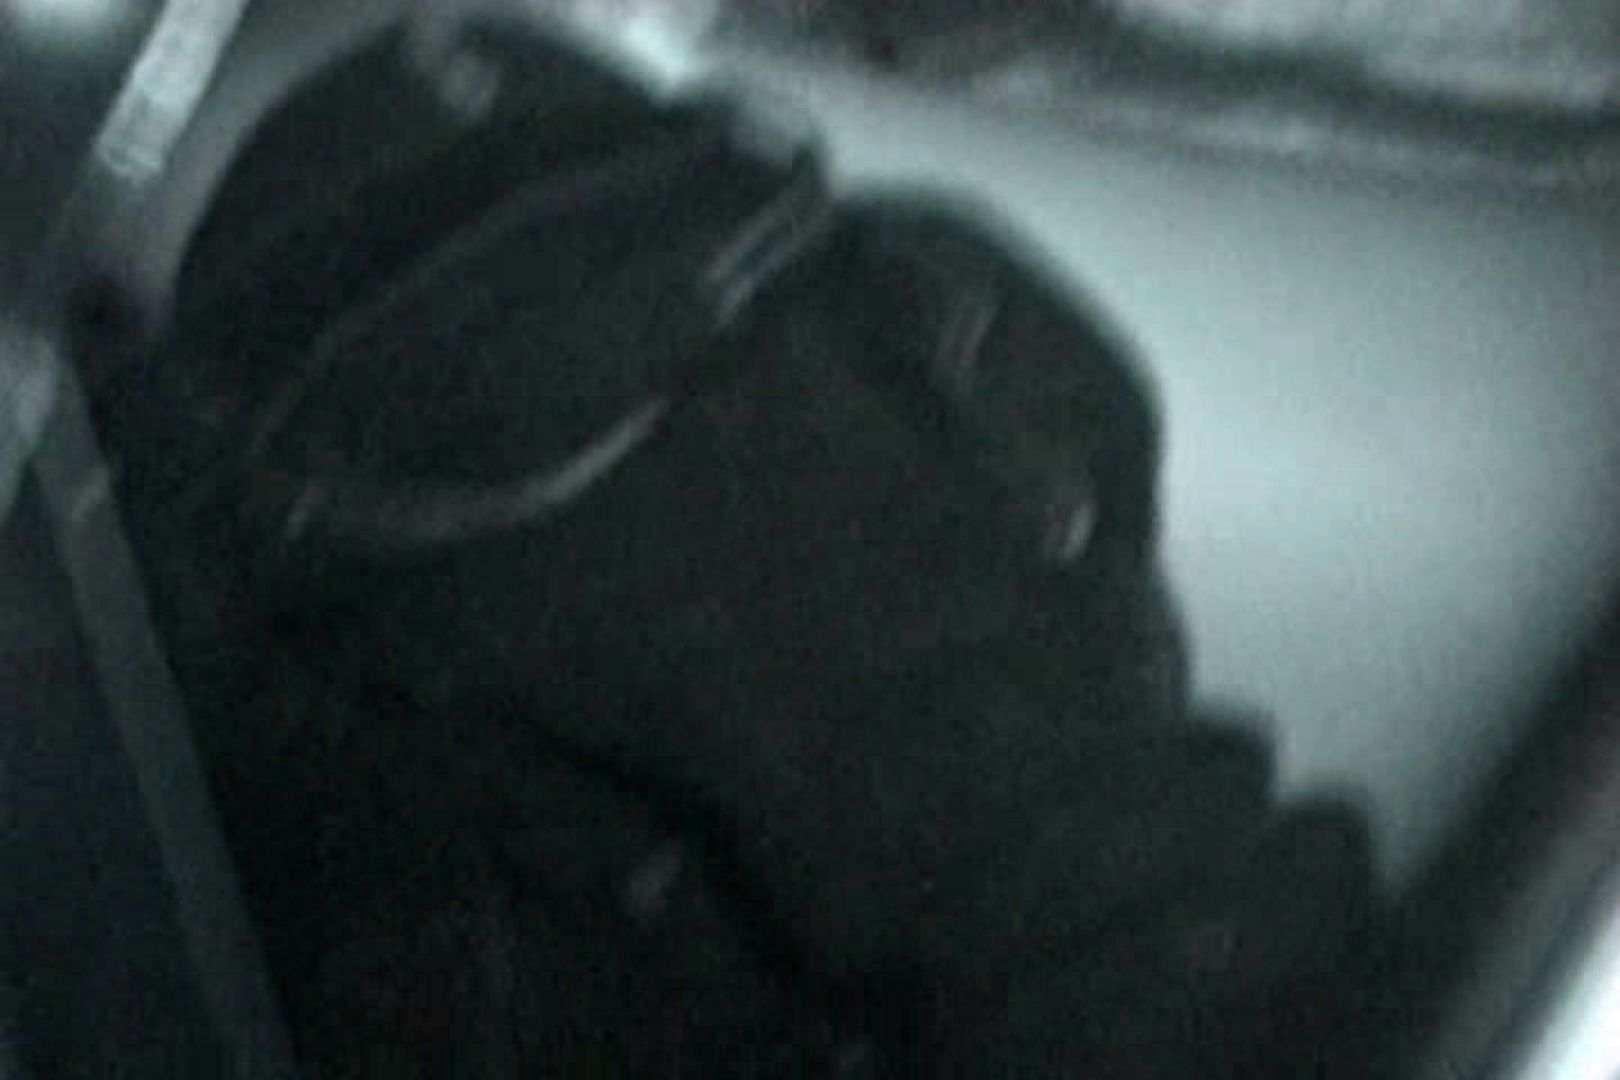 充血監督の深夜の運動会Vol.137 クンニ オマンコ無修正動画無料 91pic 59